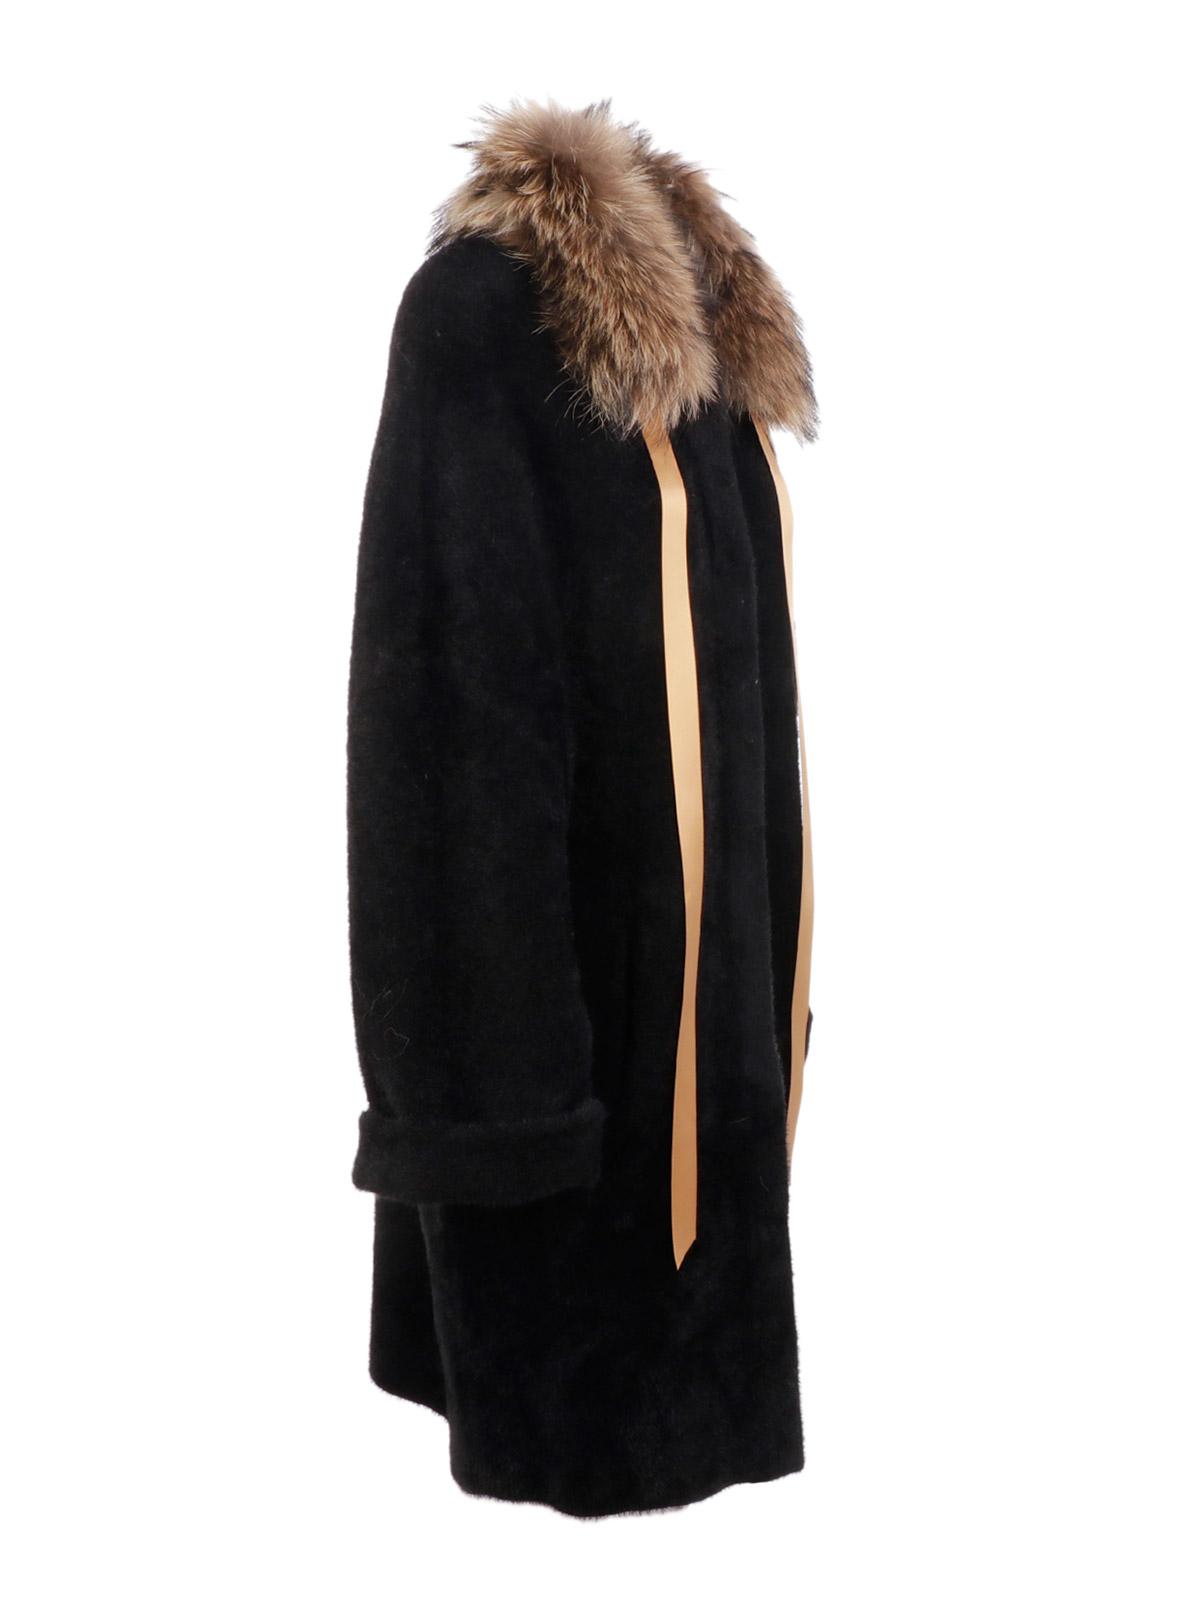 VICTORY BOAT Cappotto Donna in Eco Pelliccia